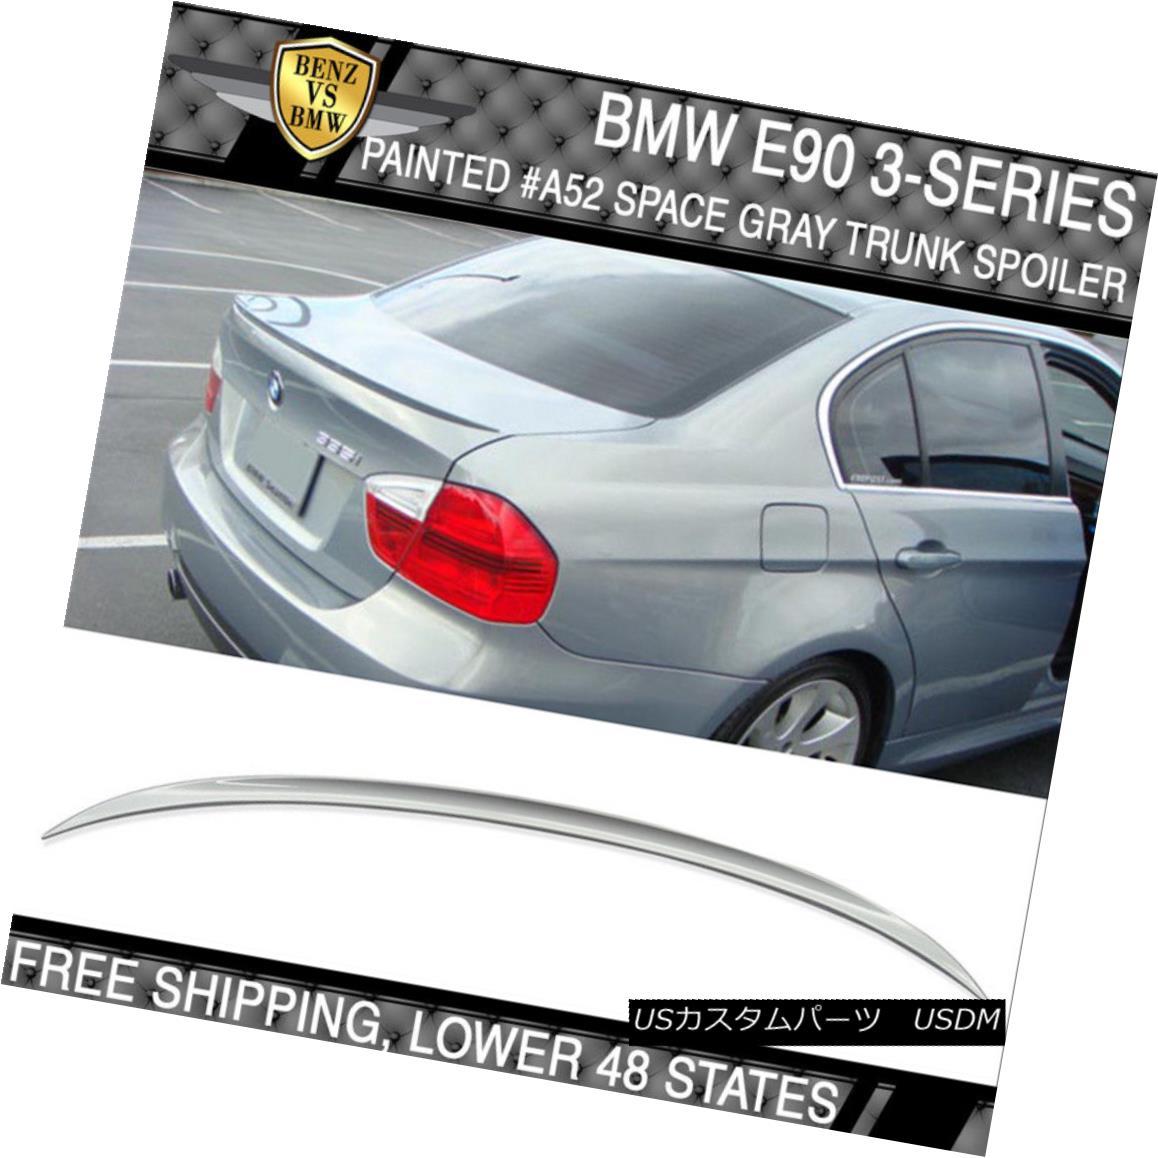 エアロパーツ 06-11 BMW 3 Series E90 M3 Style #A52 Space Gray Metallic Painted Trunk Spoiler 06-11 BMW 3シリーズE90 M3スタイル#A52スペースグレーメタリック塗装トランクスポイラー